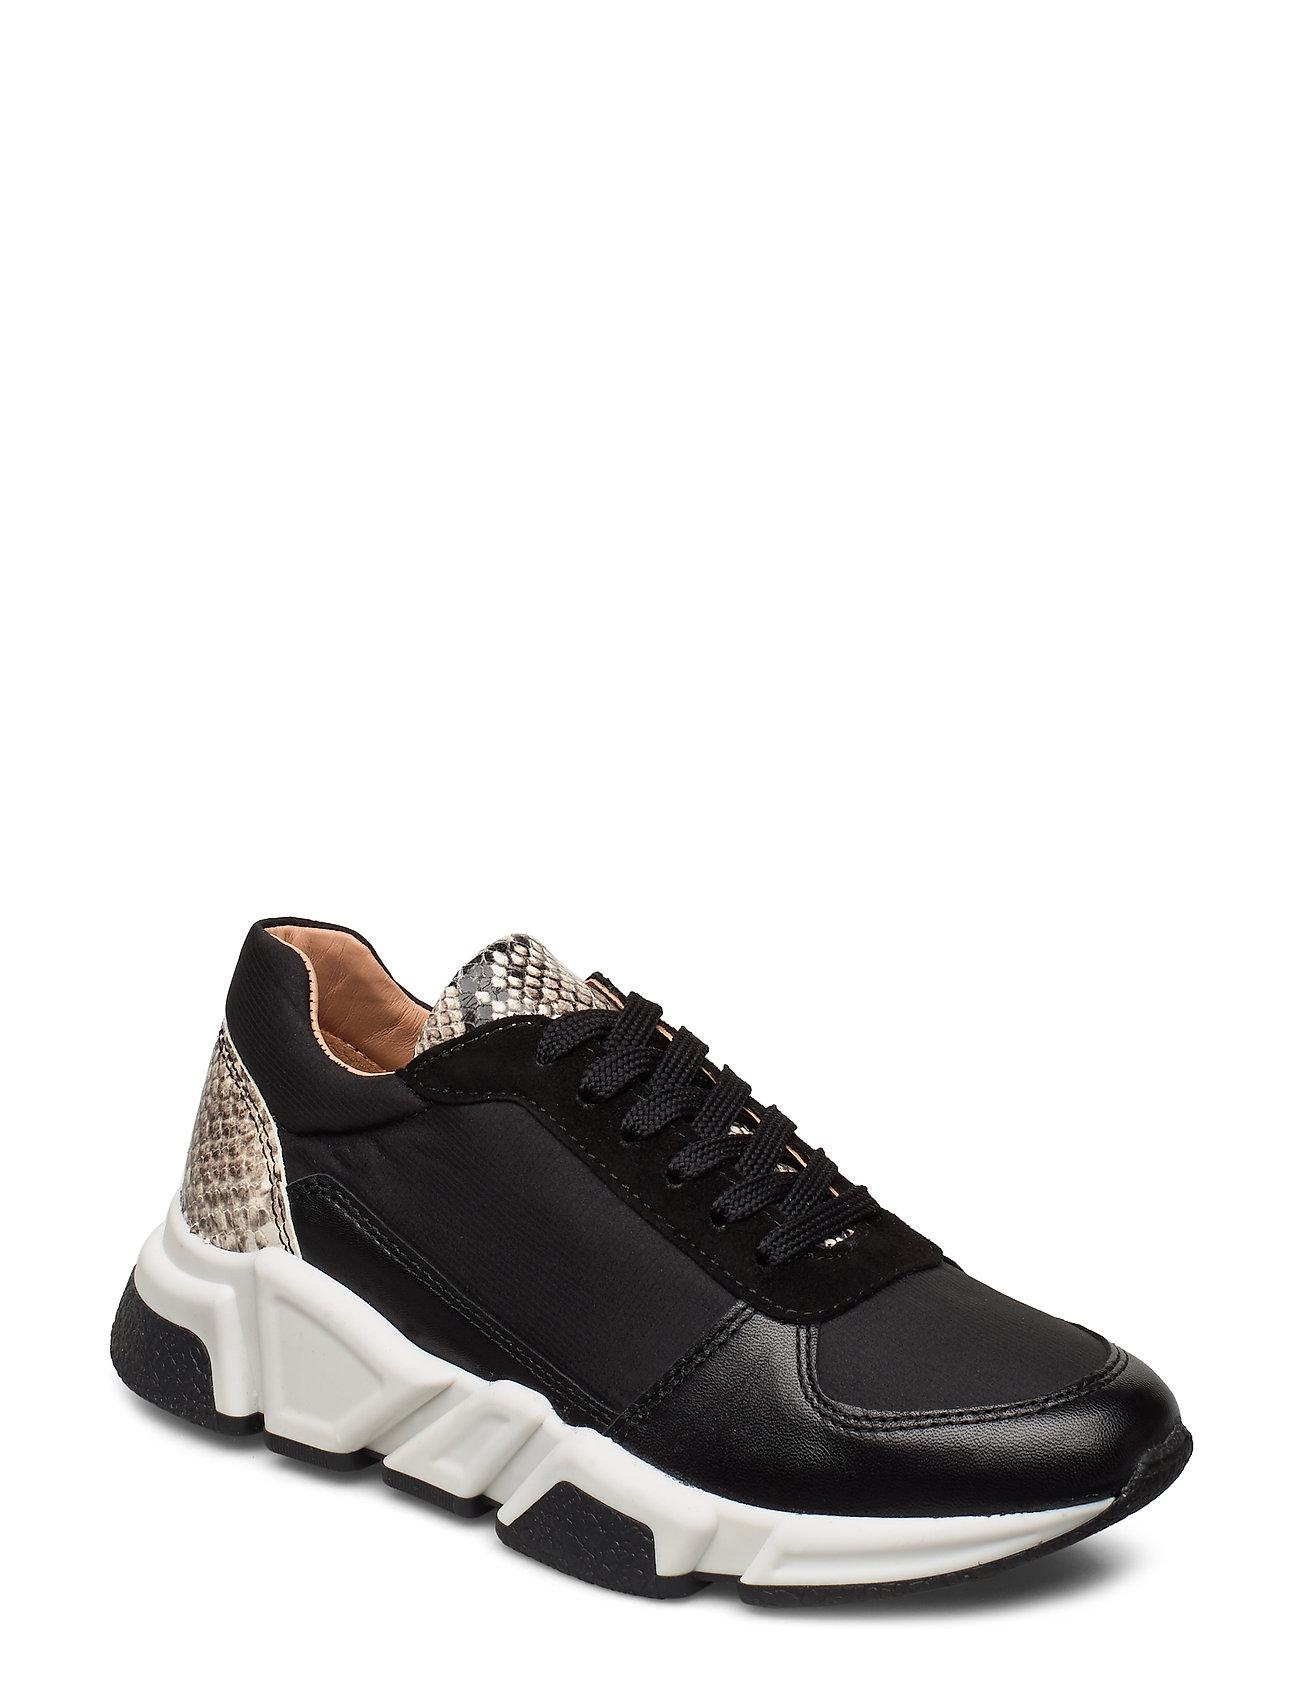 Image of Sport 14261 Low-top Sneakers Sort Billi Bi (3329983723)